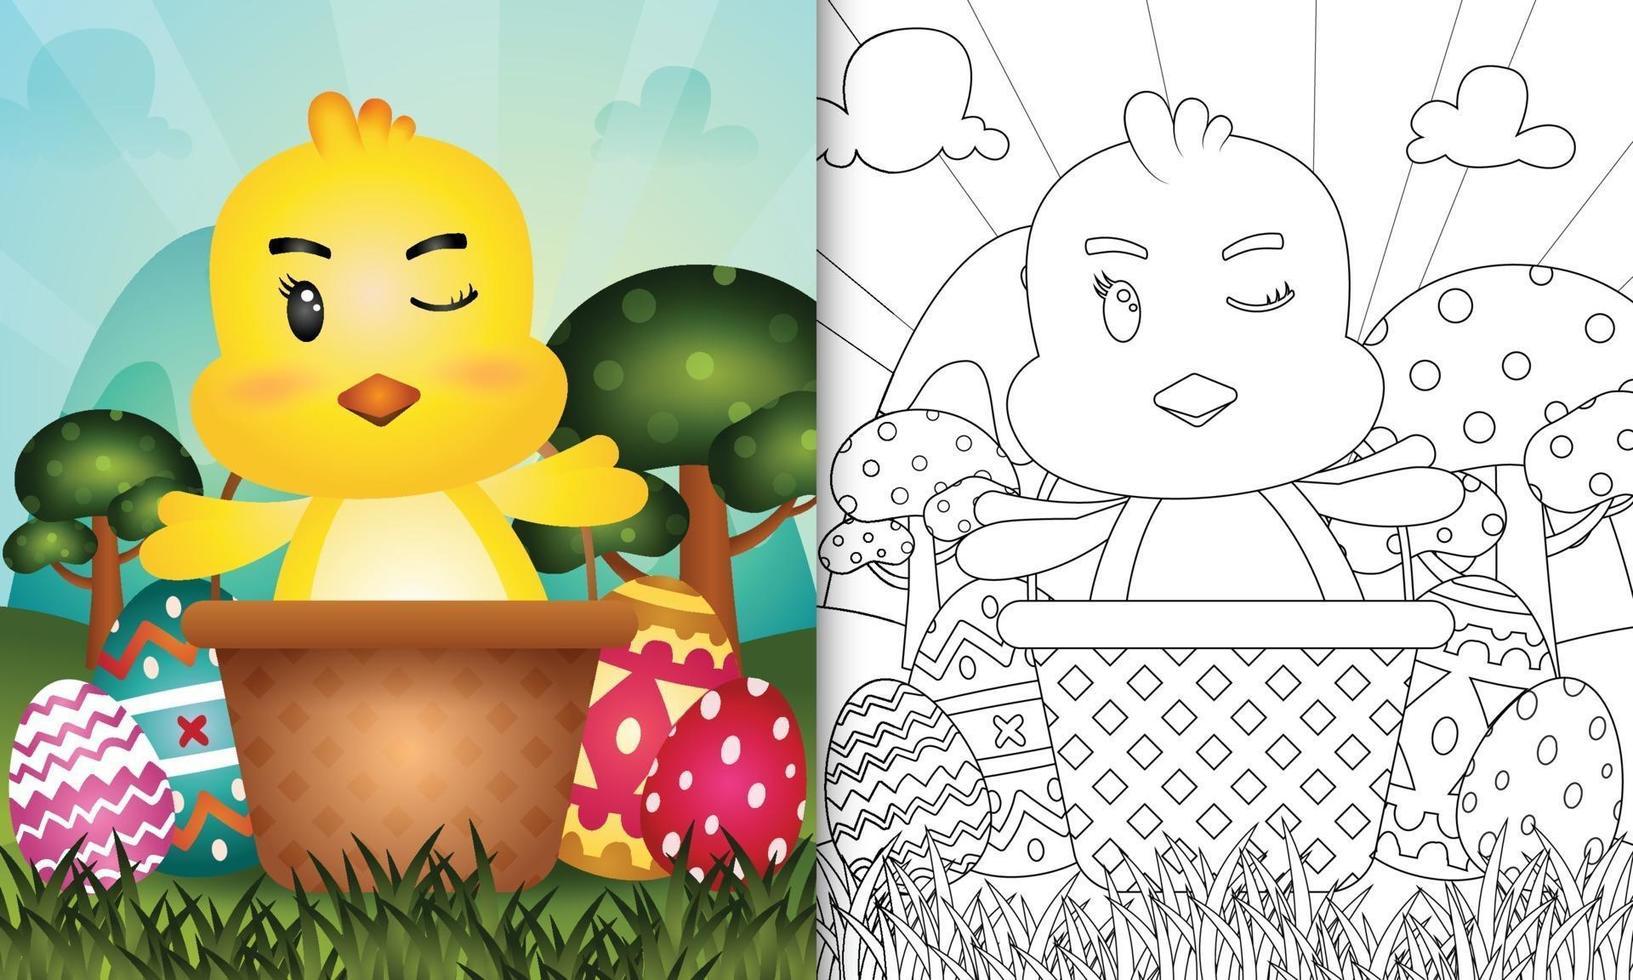 Livre de coloriage pour les enfants sur le thème de joyeuses pâques avec illustration de personnage d'un poussin mignon dans l'oeuf de seau vecteur